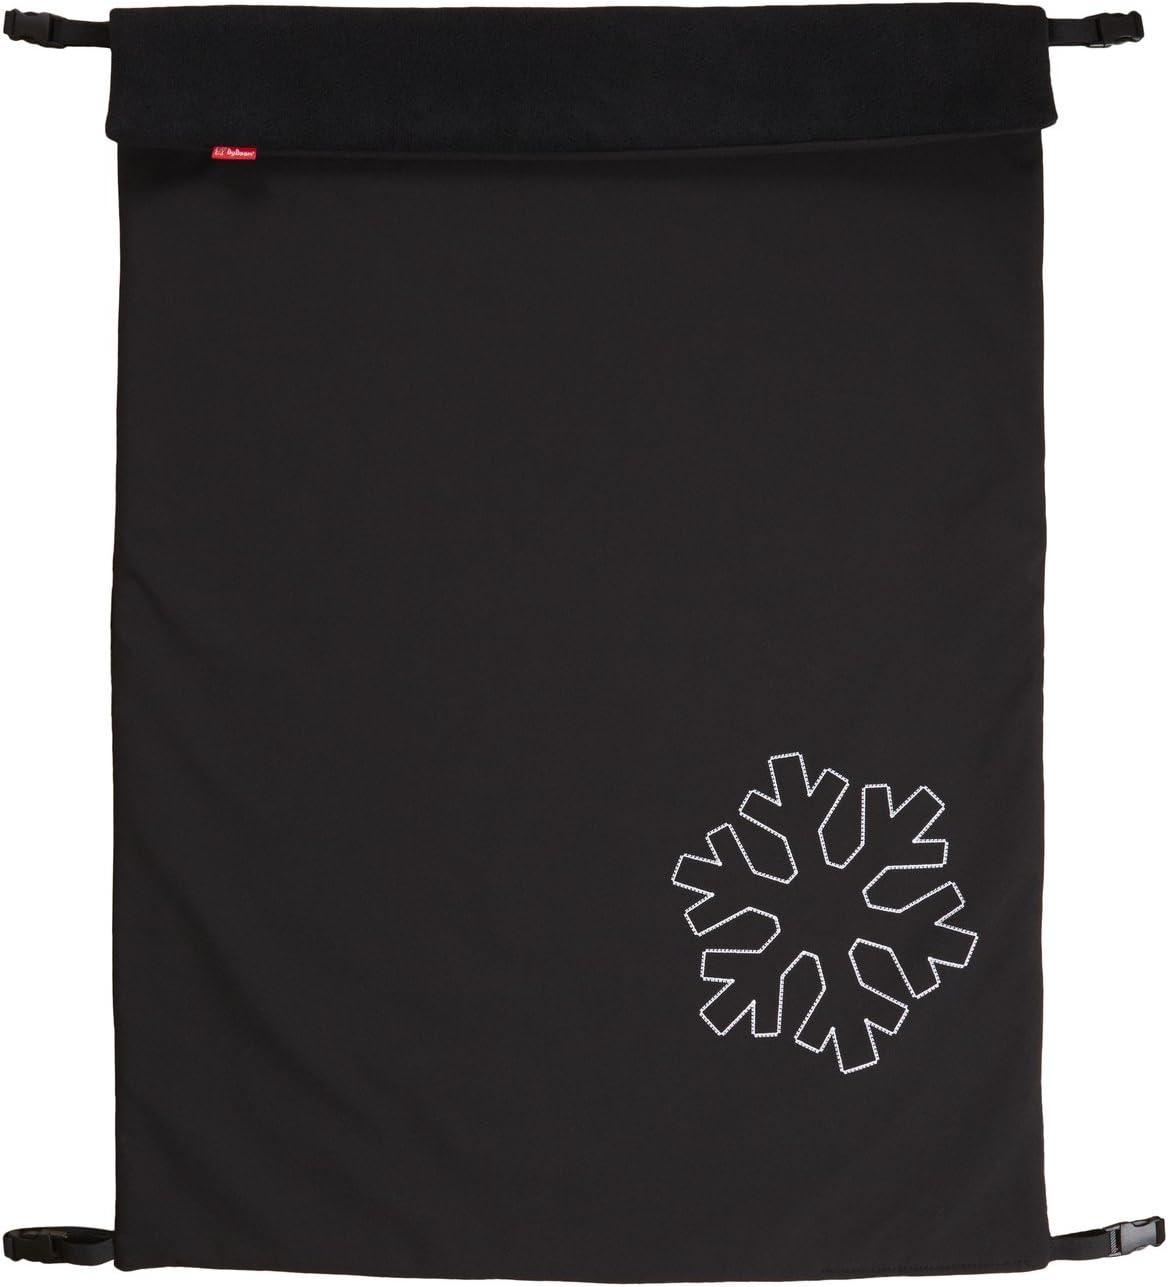 byboom Softshell techo 70x 100cm Thermo activo;–/multifunción universal para/de exterior Baby manta para cochecito, Buggy, Jogger, color: negro/negro